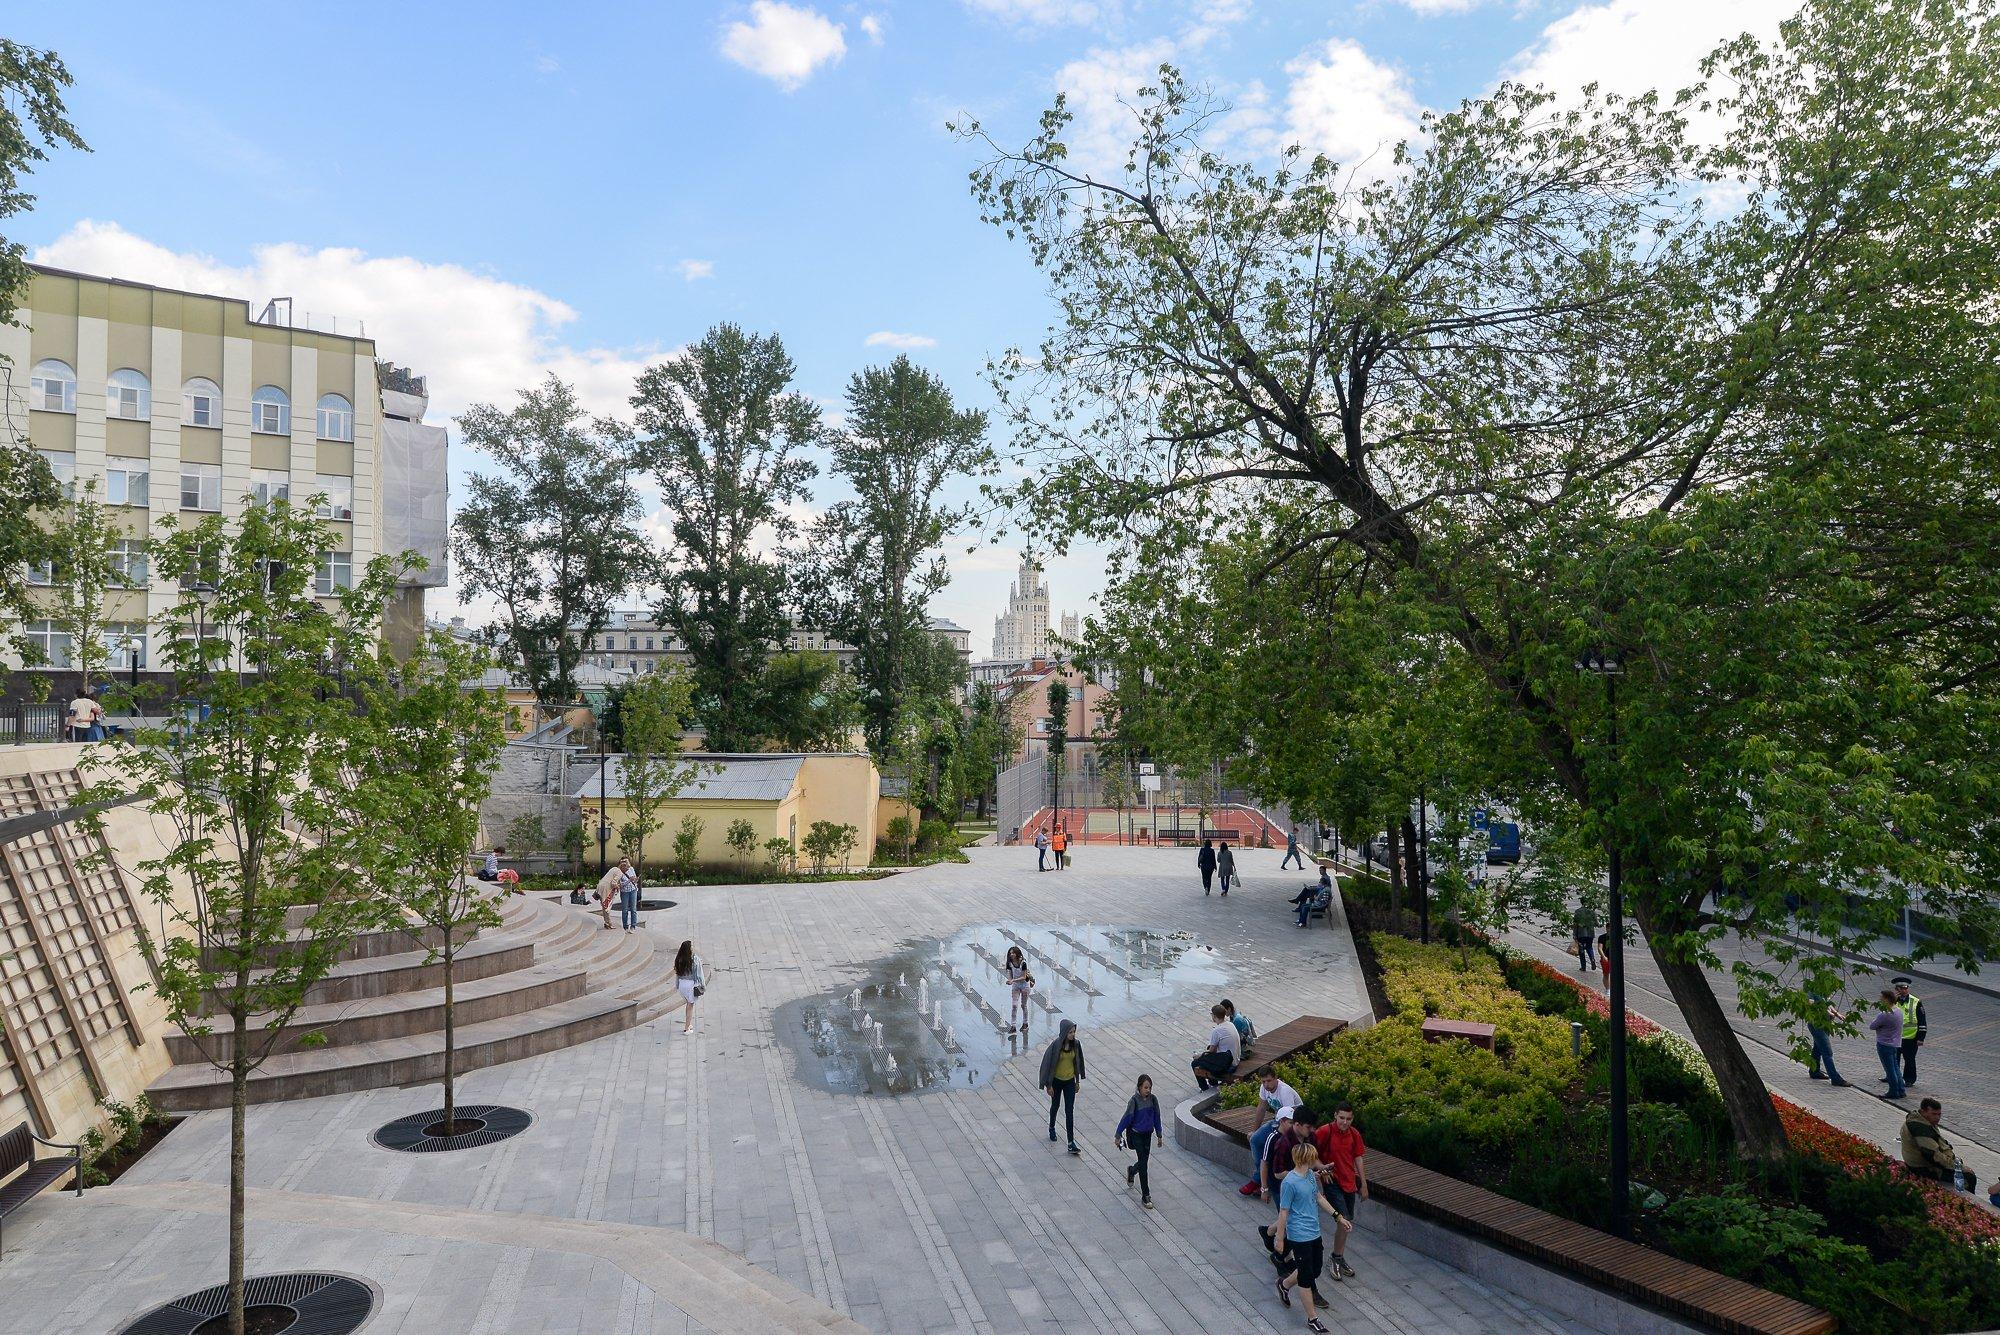 Осмотрел новый сквер в Большом Спасоглинищевском пер. Вместо парковки сделали место для отдыха с фонтаном, детскими и спортплощадками https://t.co/FI2ItXRIdG